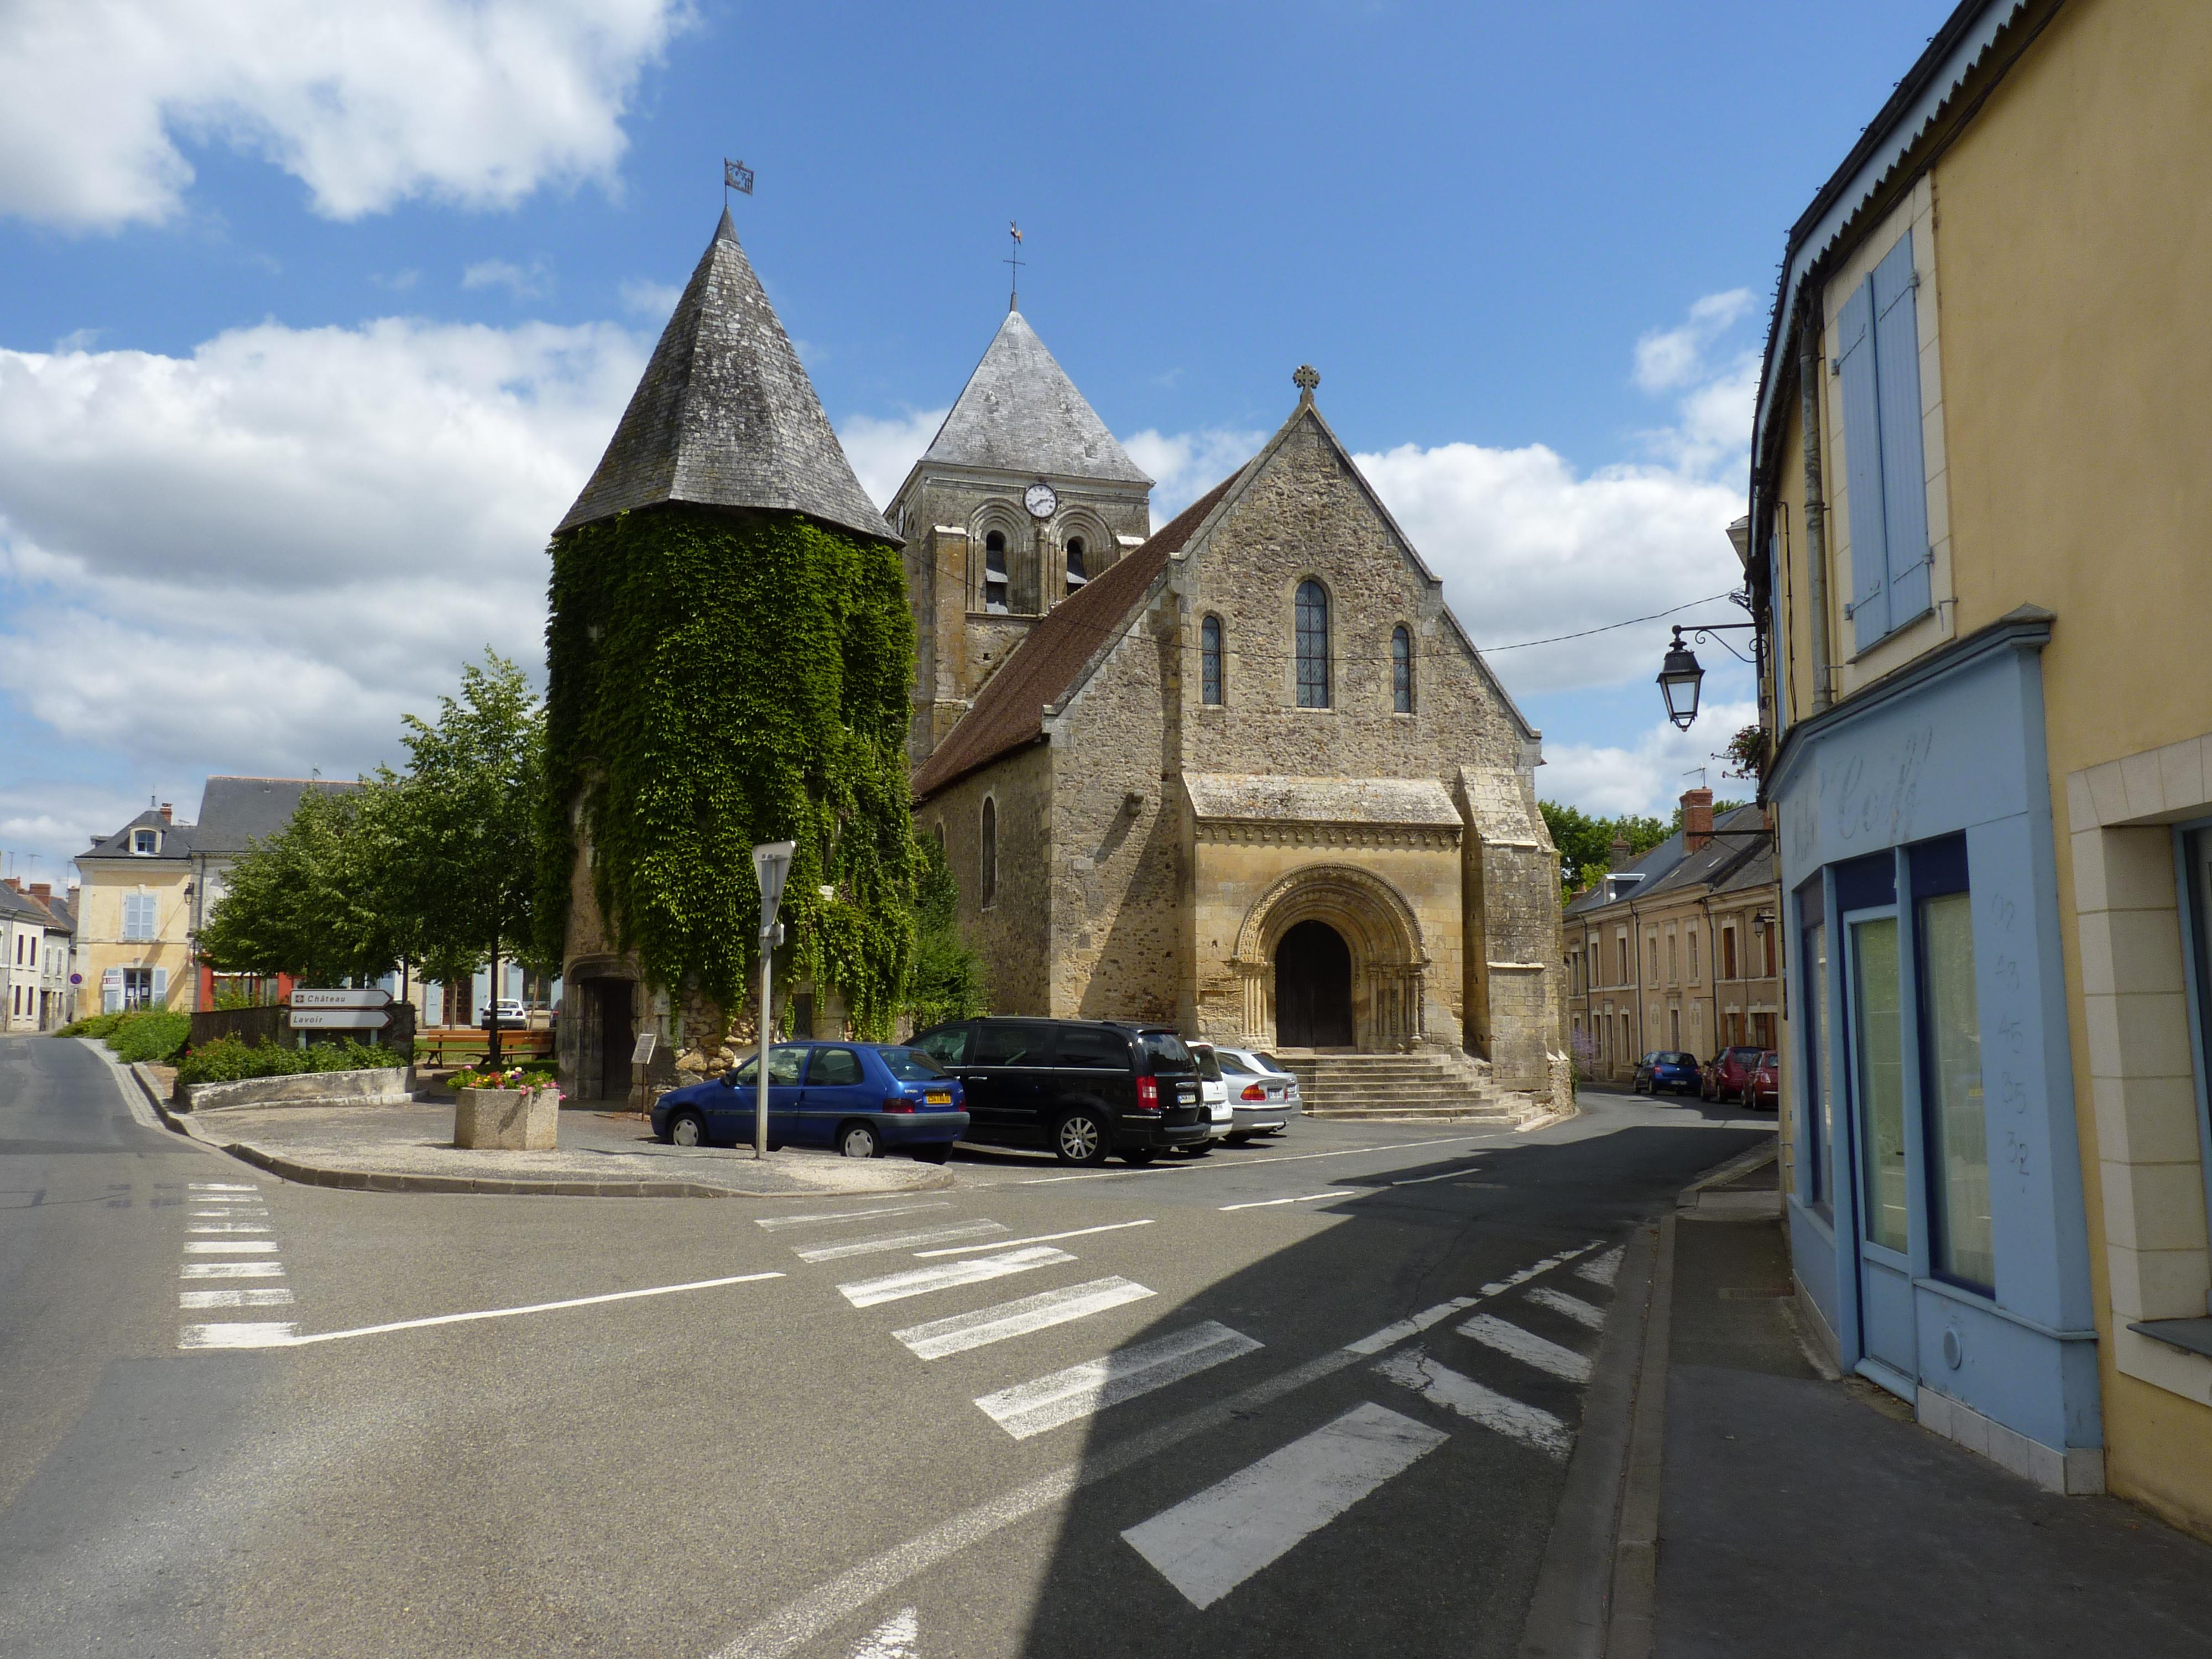 Bazouges-sur-le-Loir